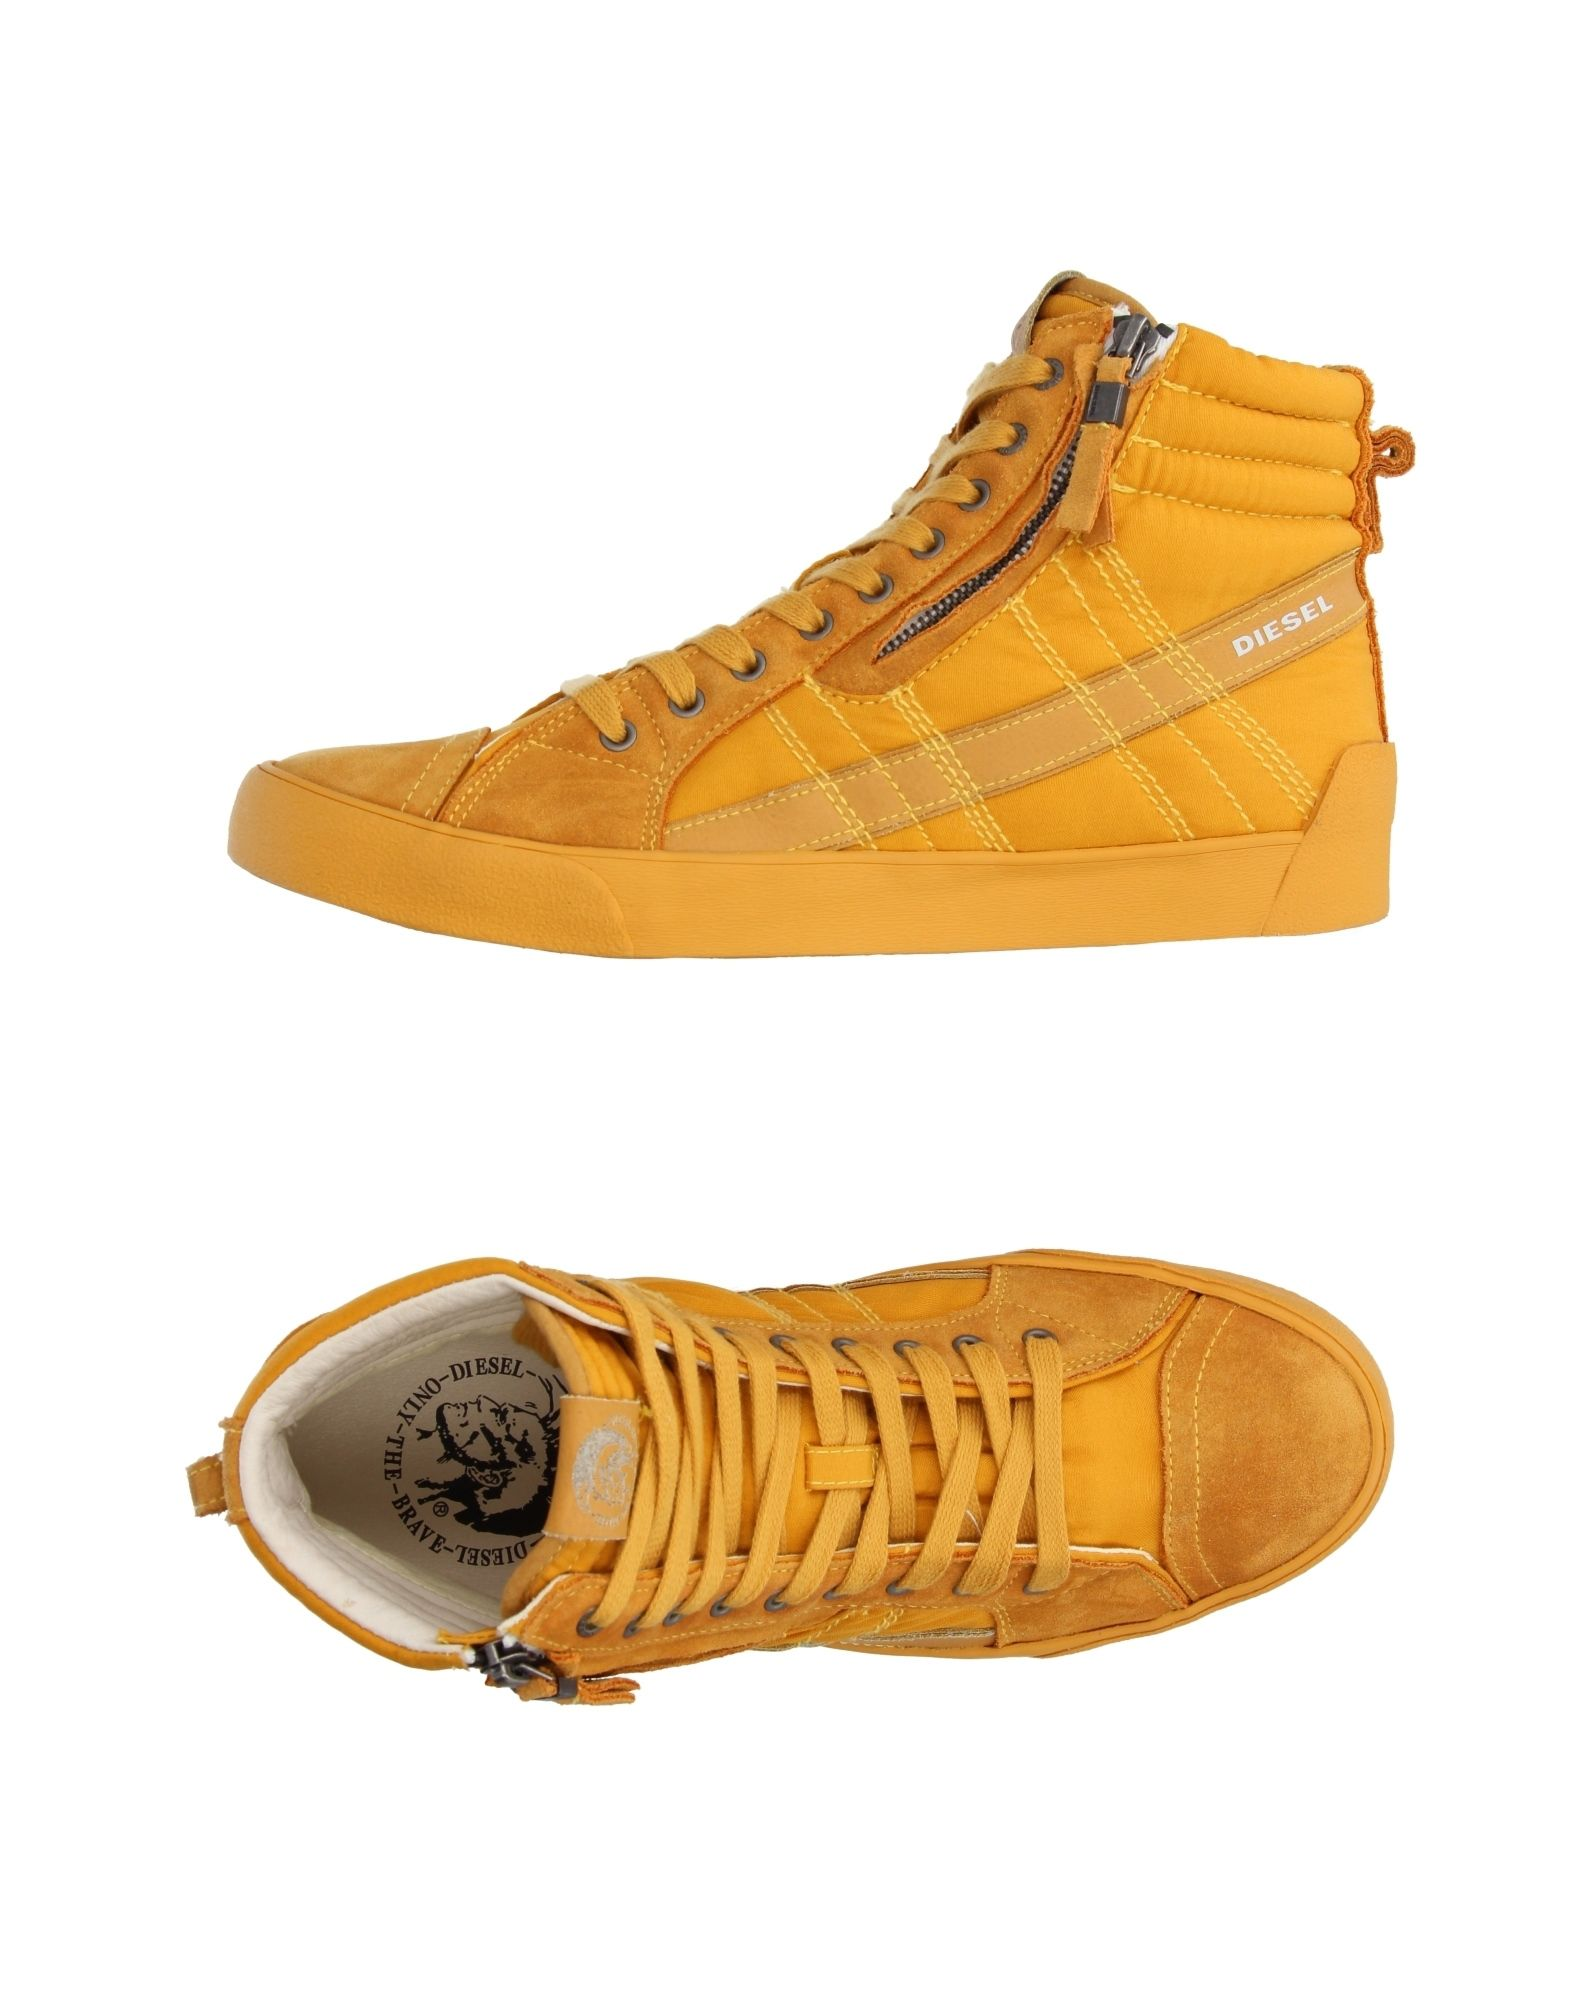 11163065FR Diesel Sneakers Herren  11163065FR  Heiße Schuhe cc1ee4